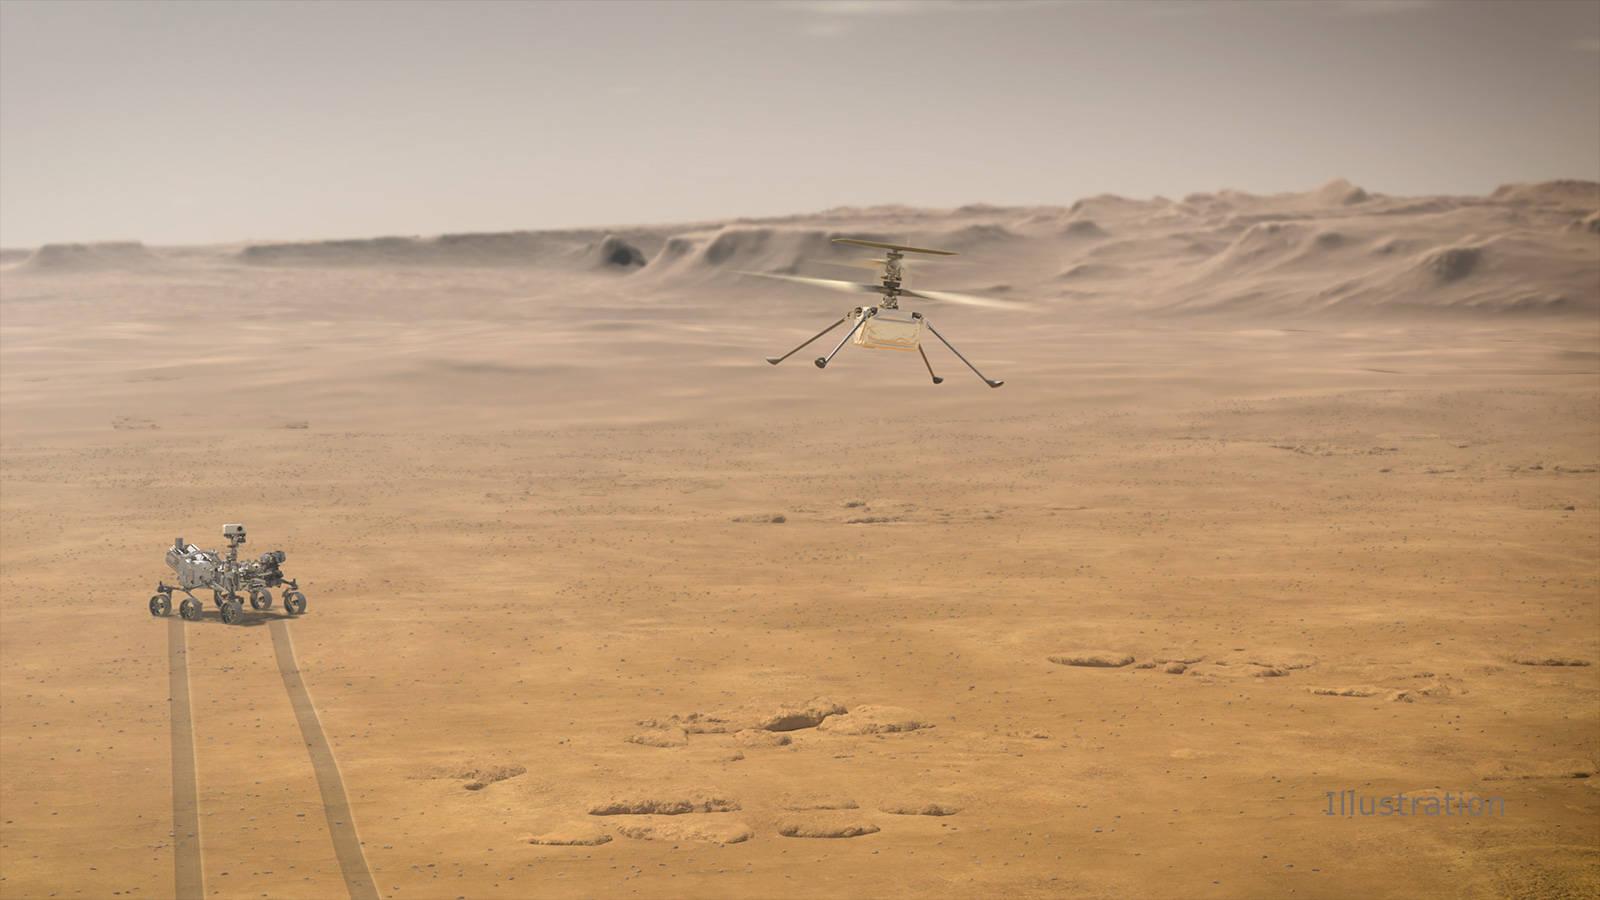 大气密度不足地球1%,NASA的火星直升机能成功吗?